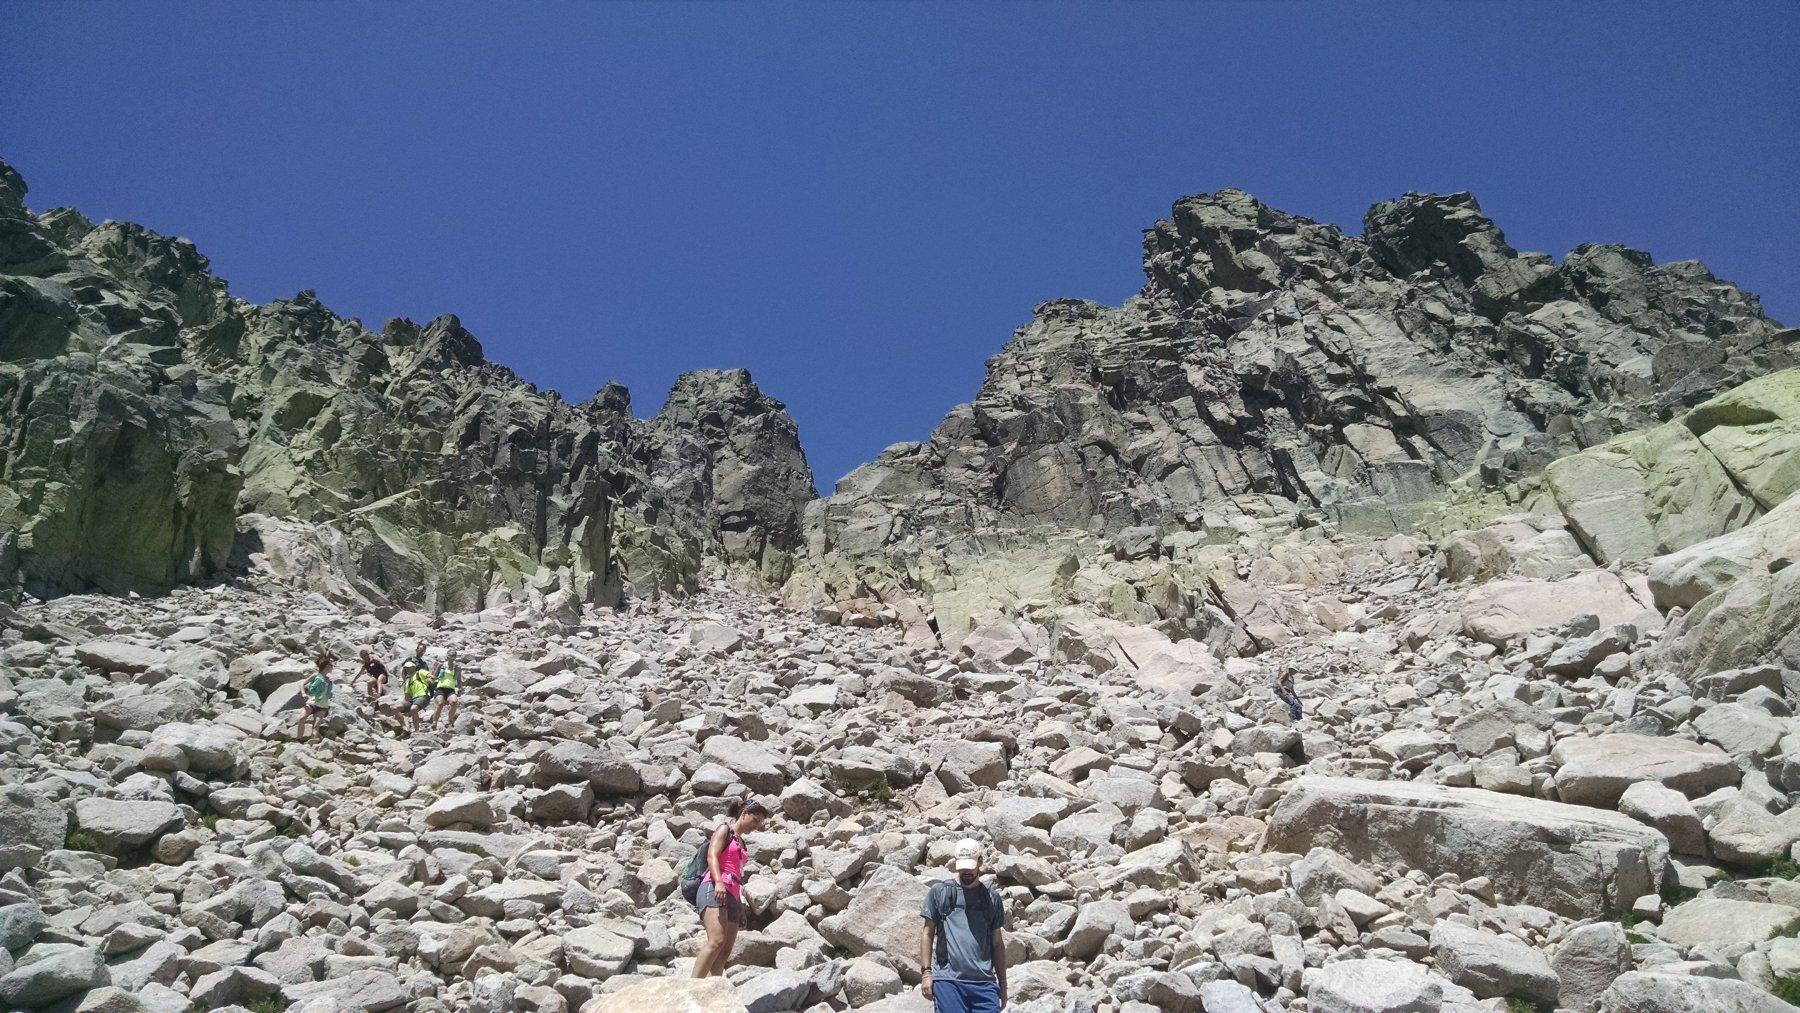 pietraia che diventa via via stretto canale in alto